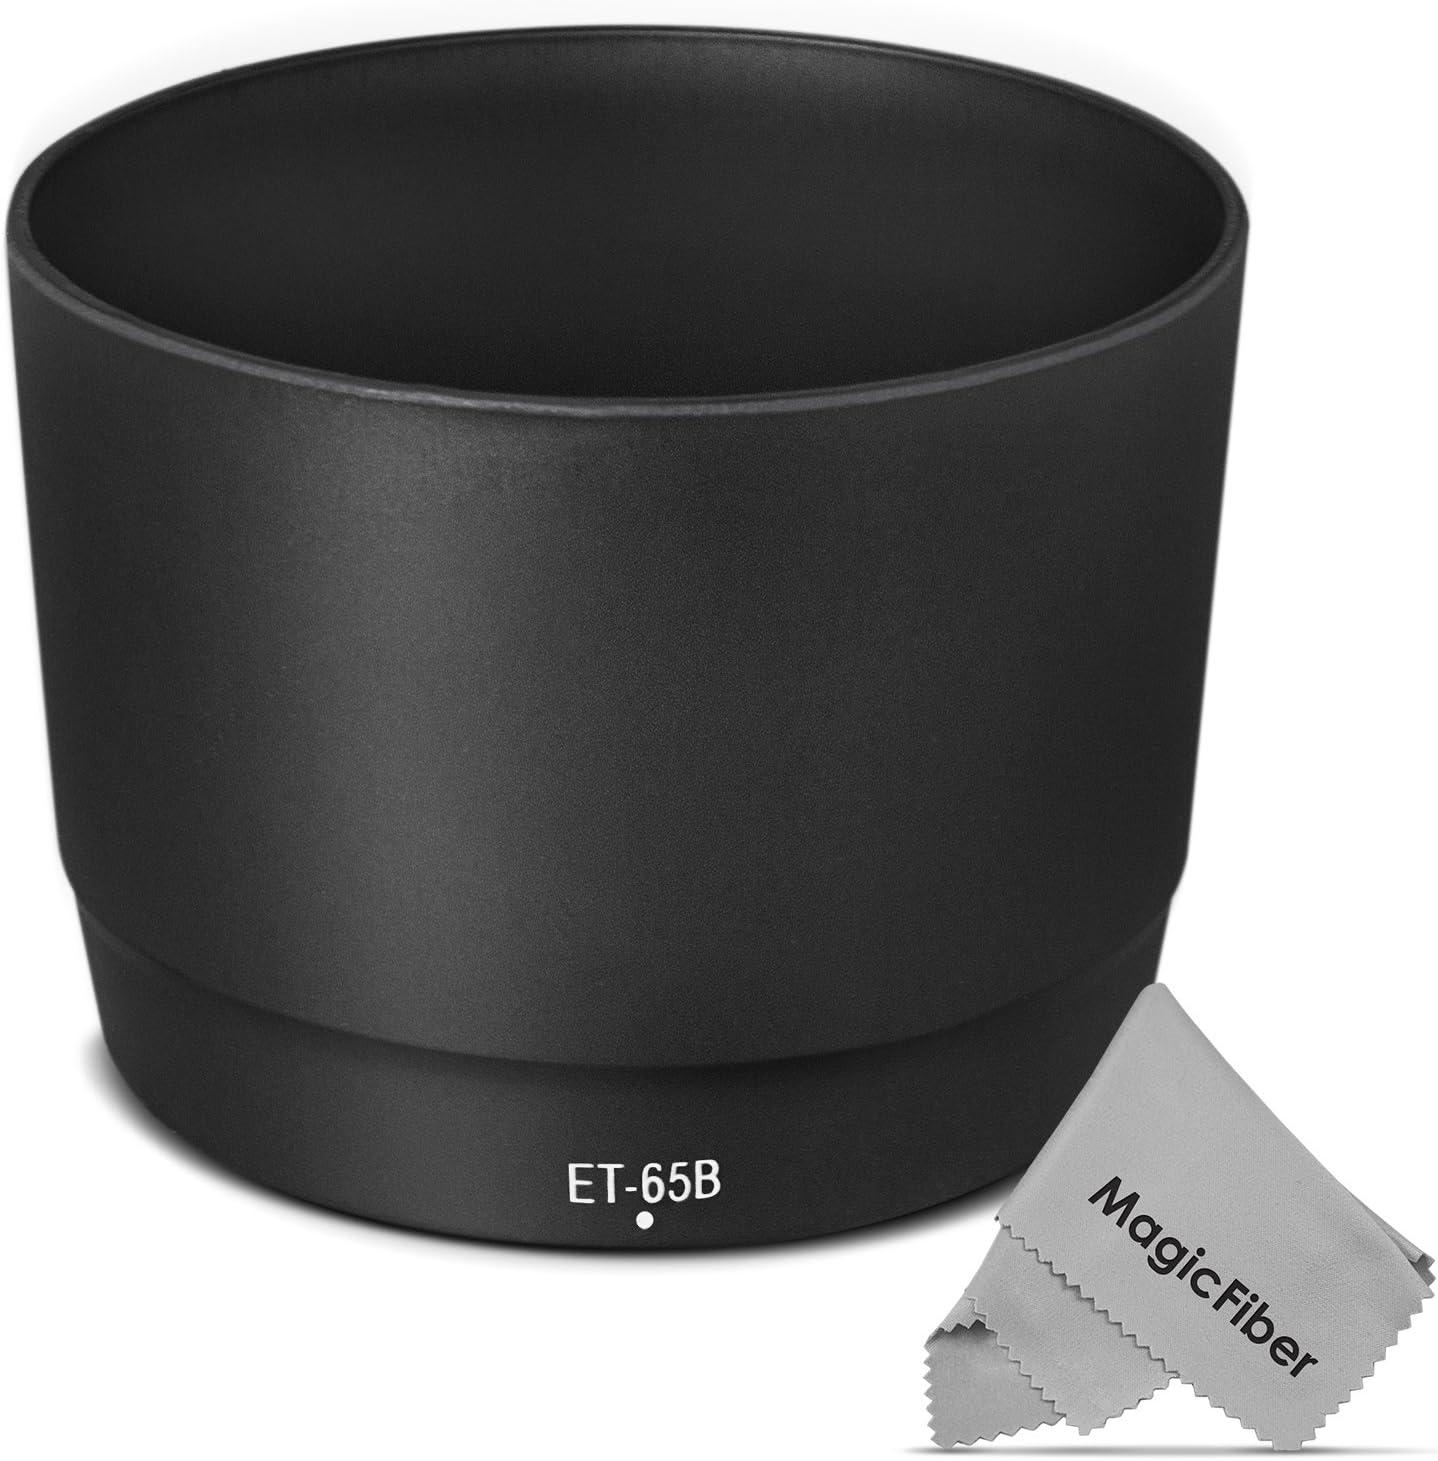 Canon ET-65B Lens Hood for EF 70-300mm f//4.5-5.6 IS and DO IS USM Lenses